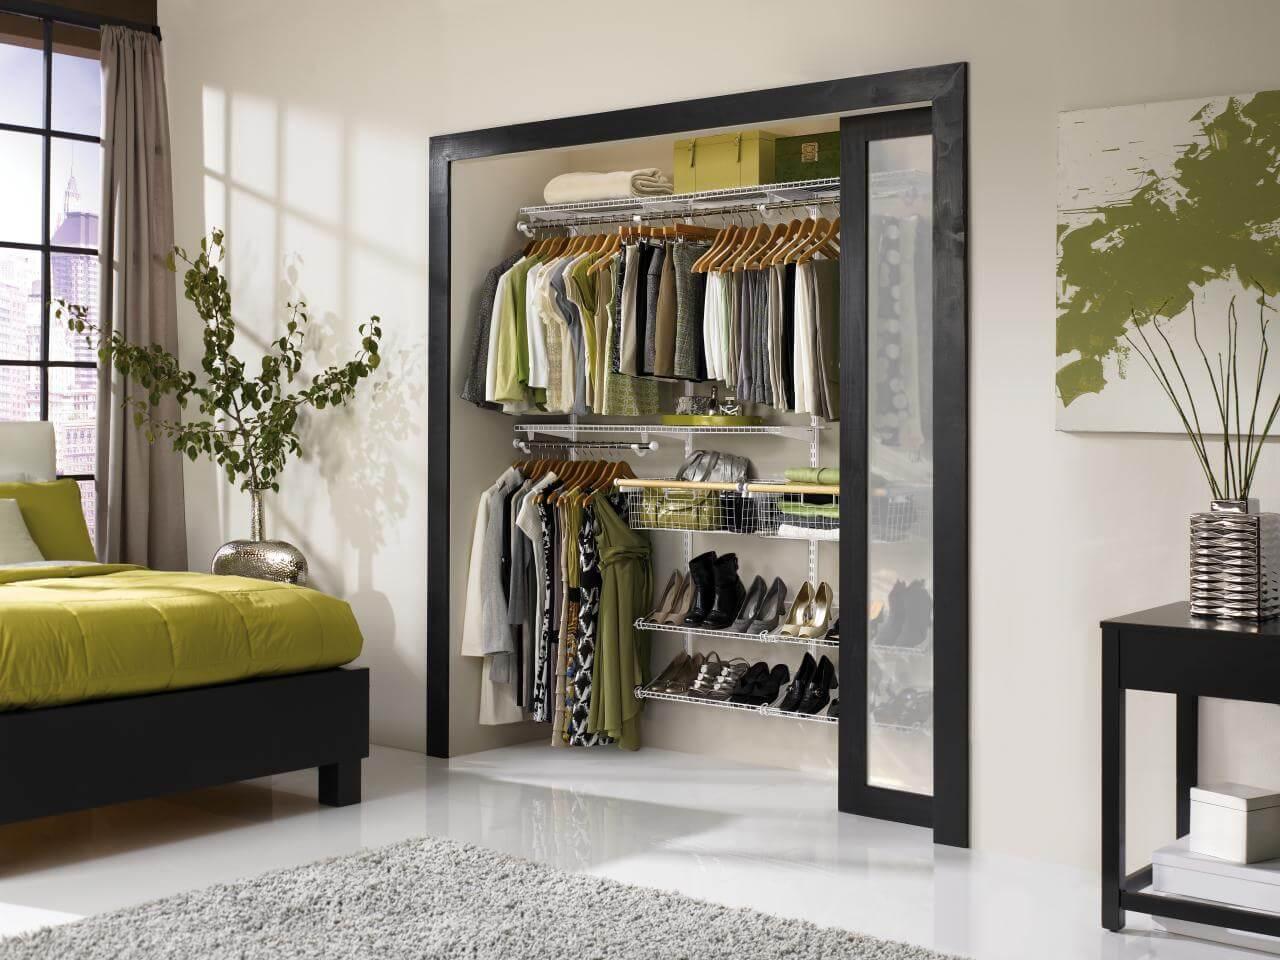 95 ideias de closet pequeno como planejar organizar - Storage ideas for small bedroom closets ...